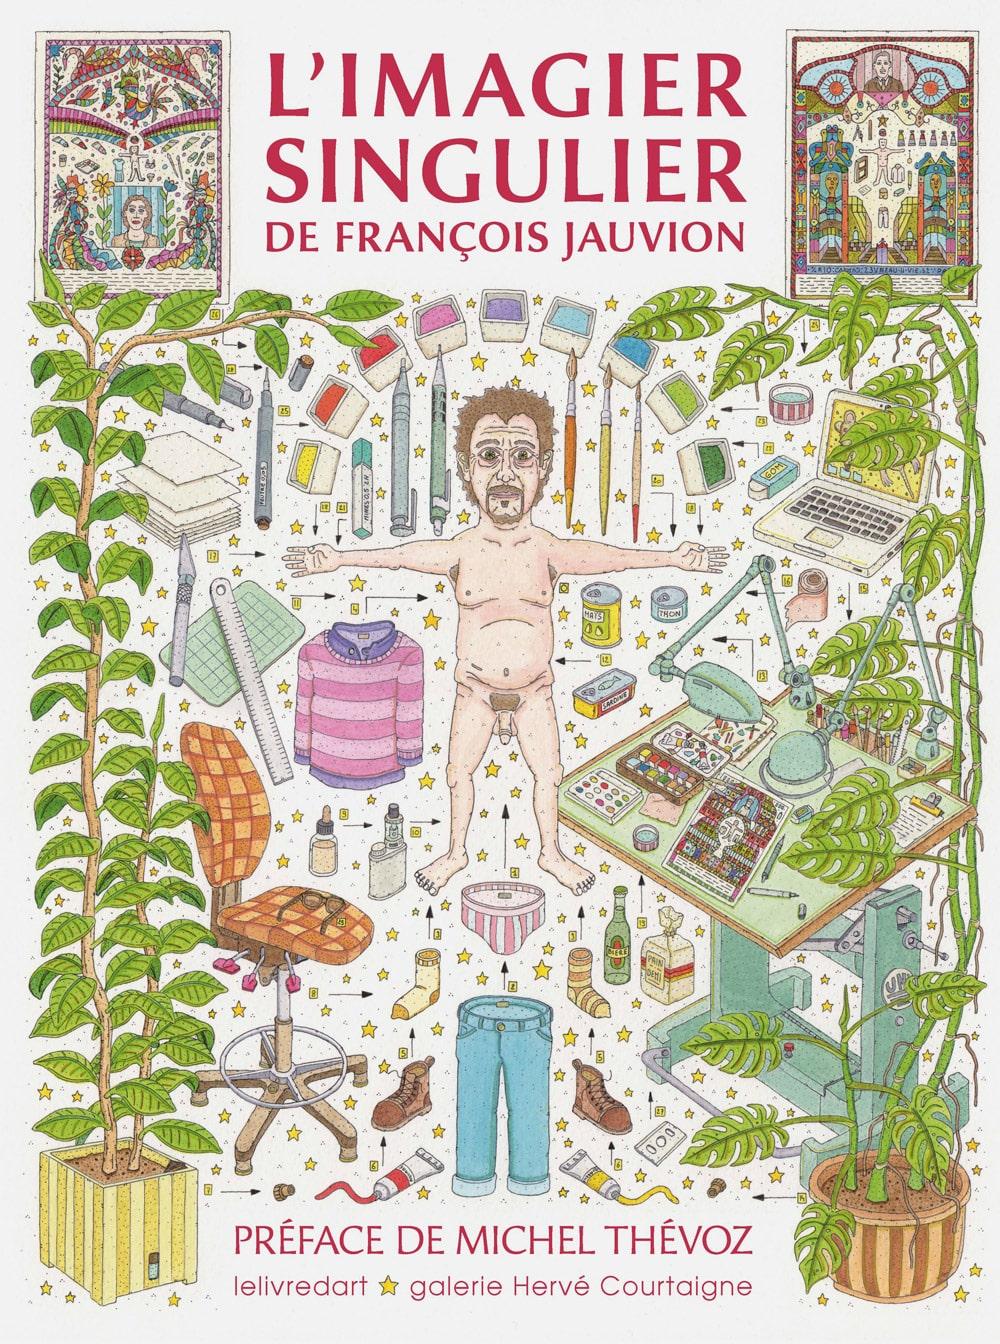 L'Imagier singulier de François Jauvion